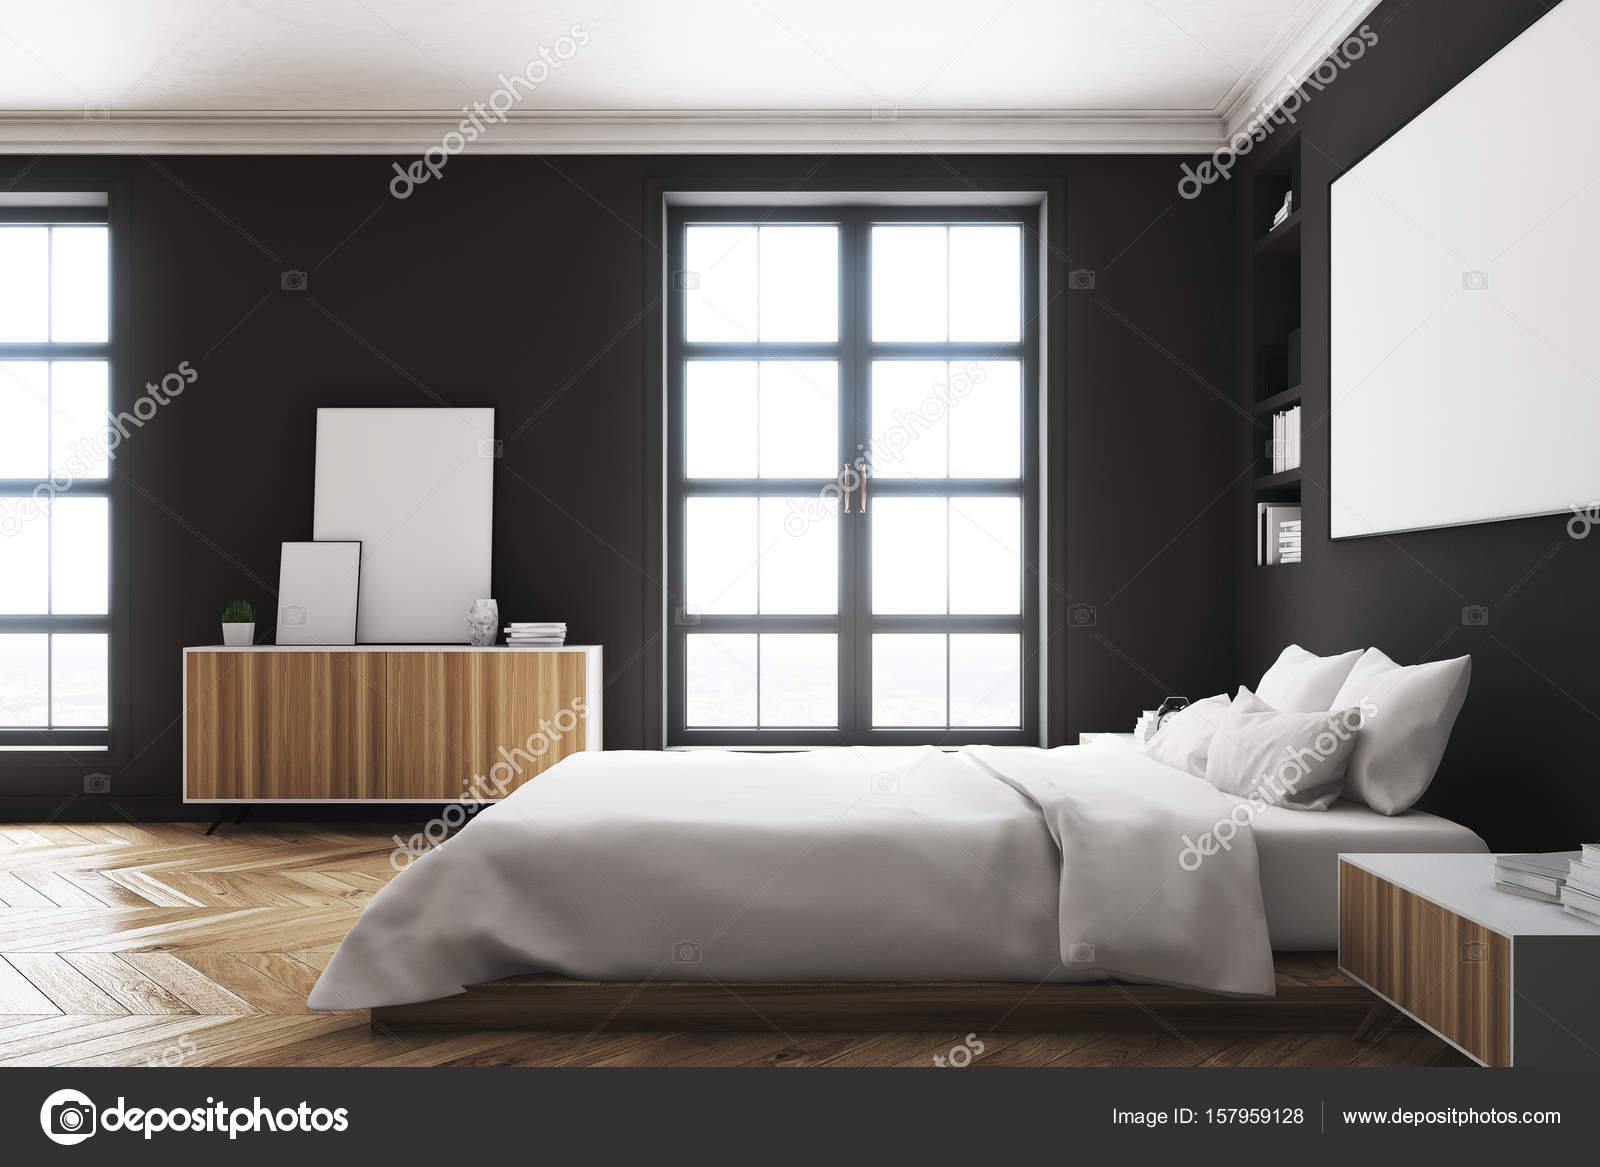 Slaapkamer interieur, poster, kant zwart — Stockfoto ...